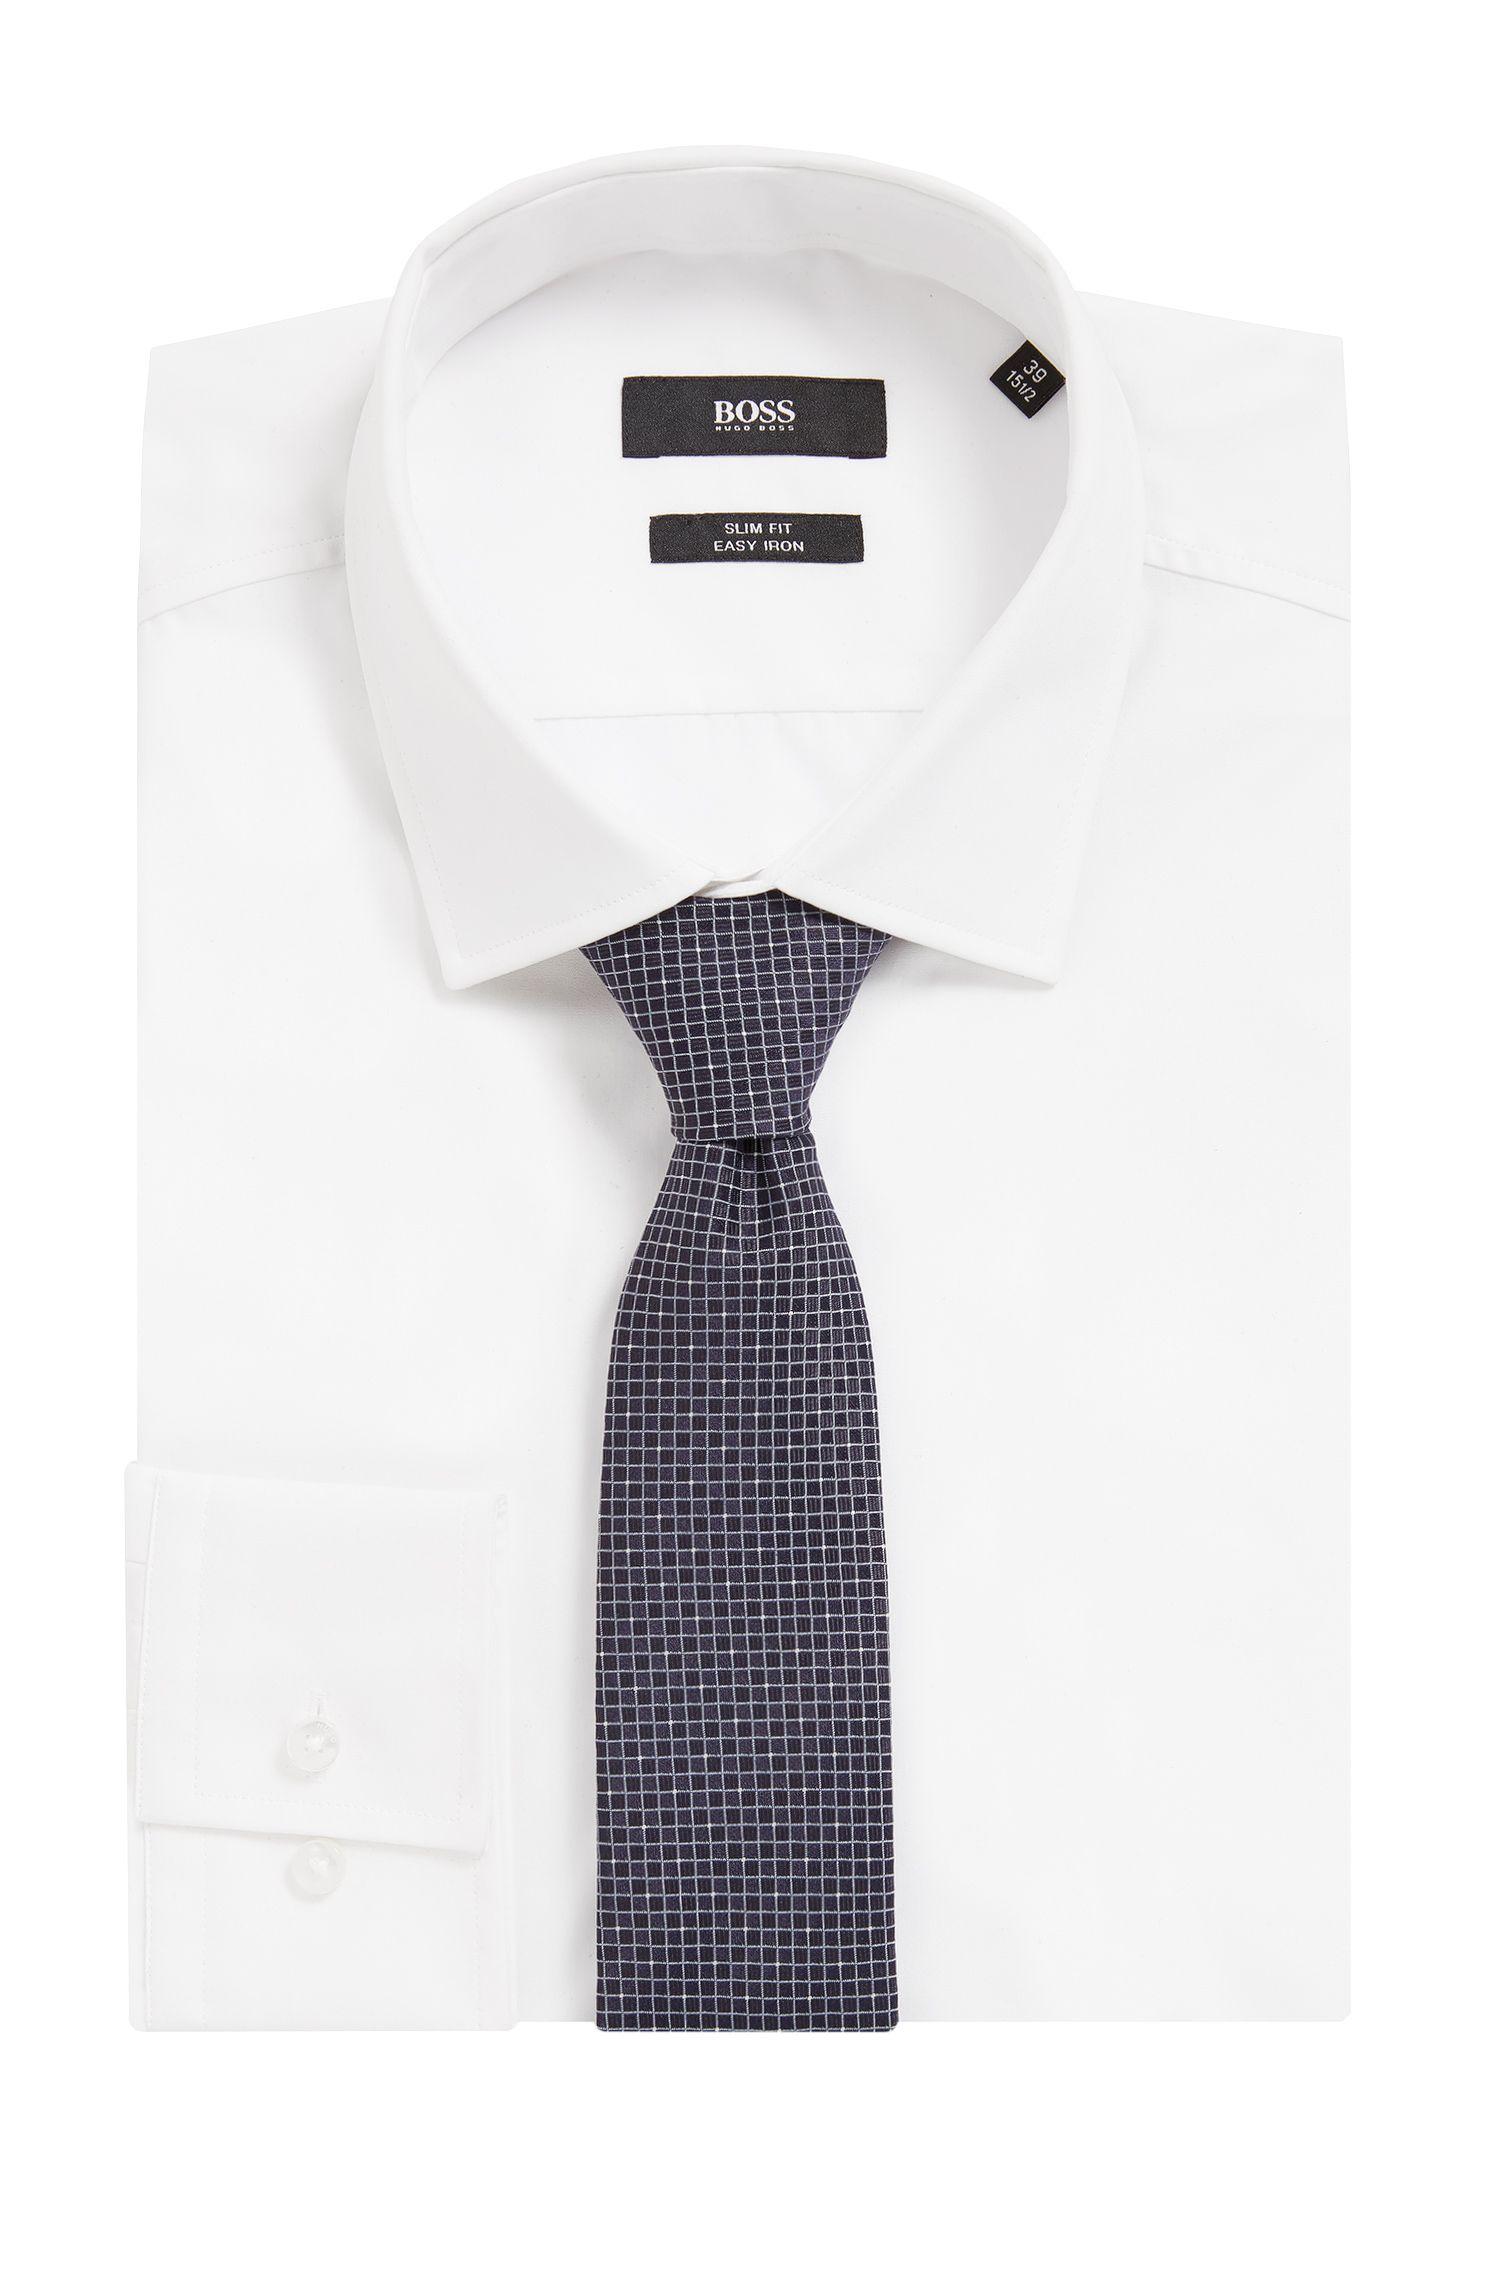 Gemusterte Krawatte aus wasserabweisender Seide